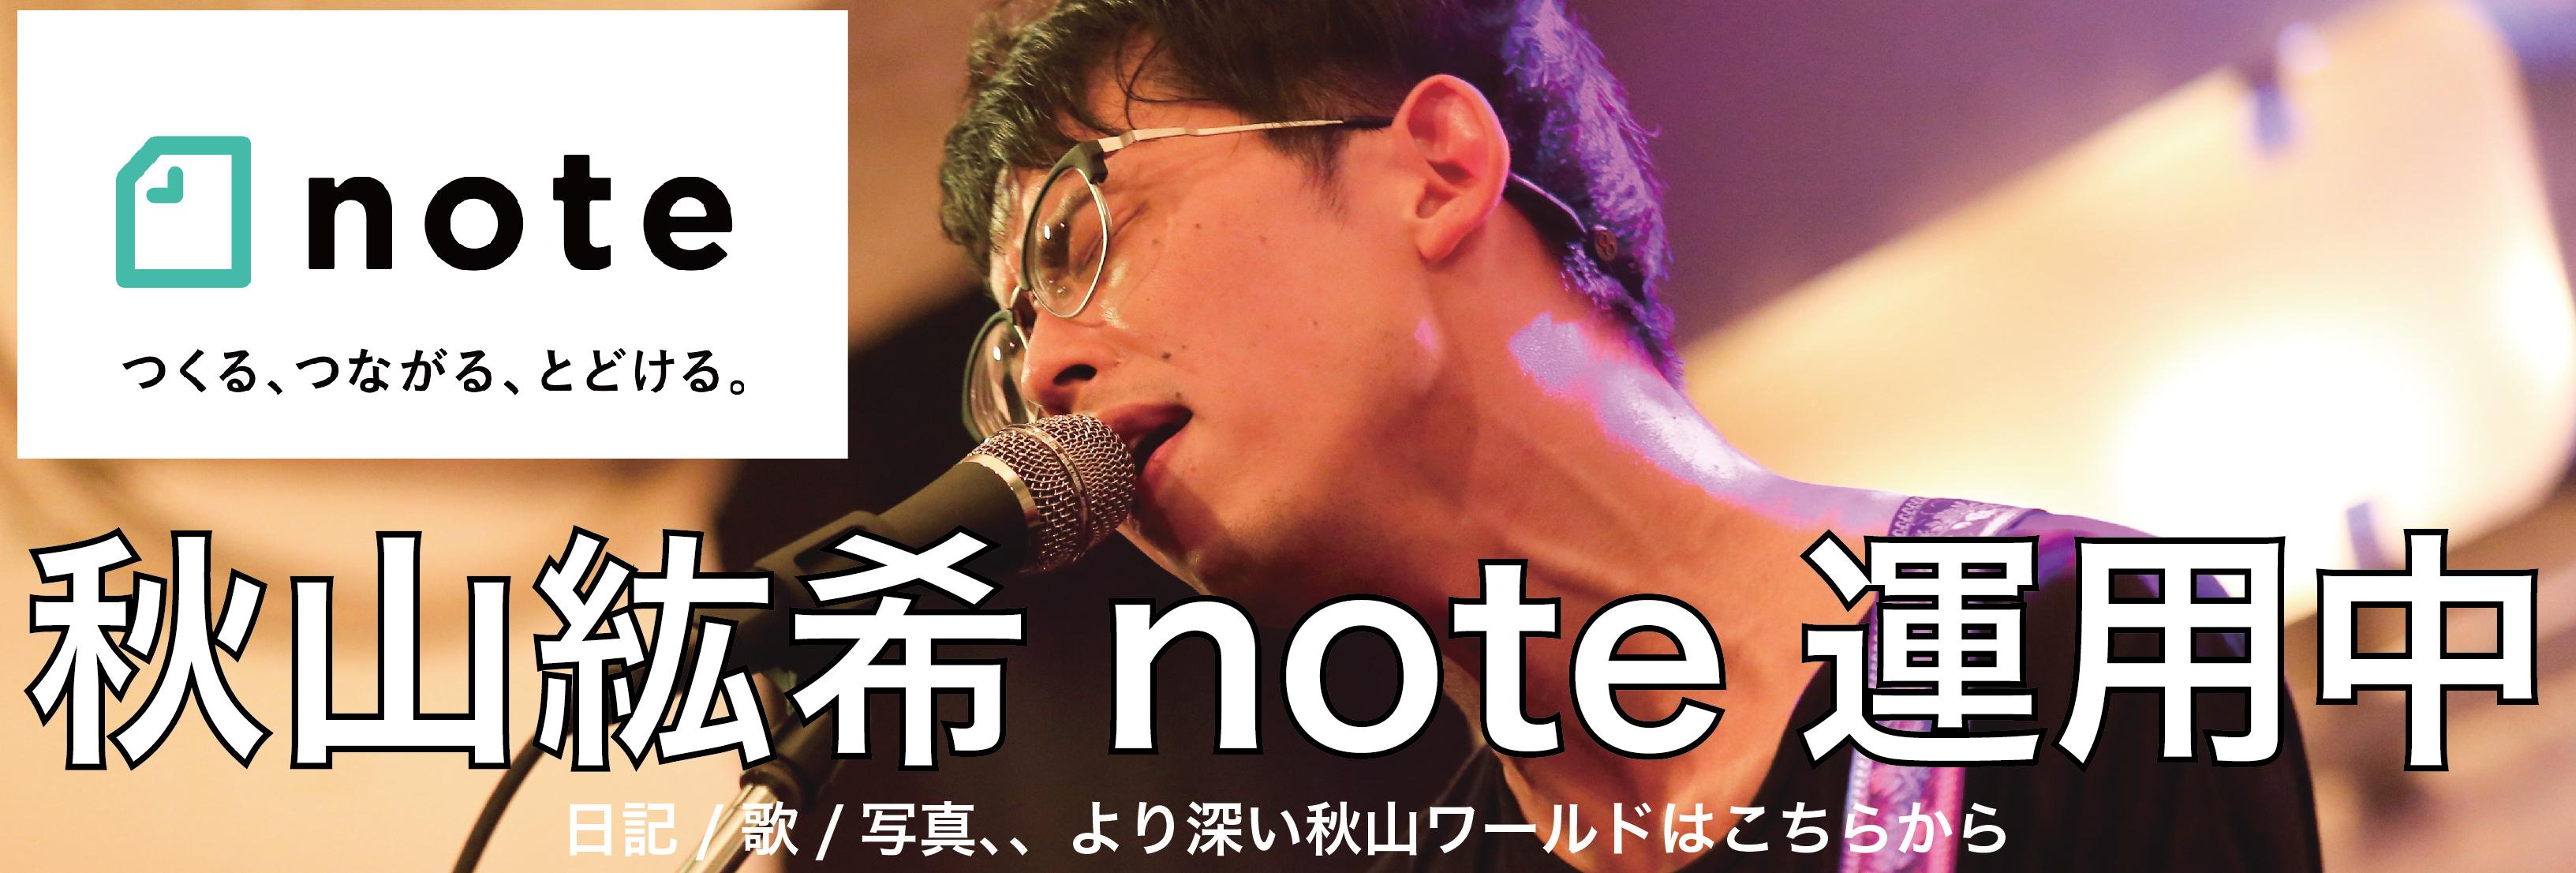 秋山紘希「note」運営中!より深い秋山ワールドはこちらから!